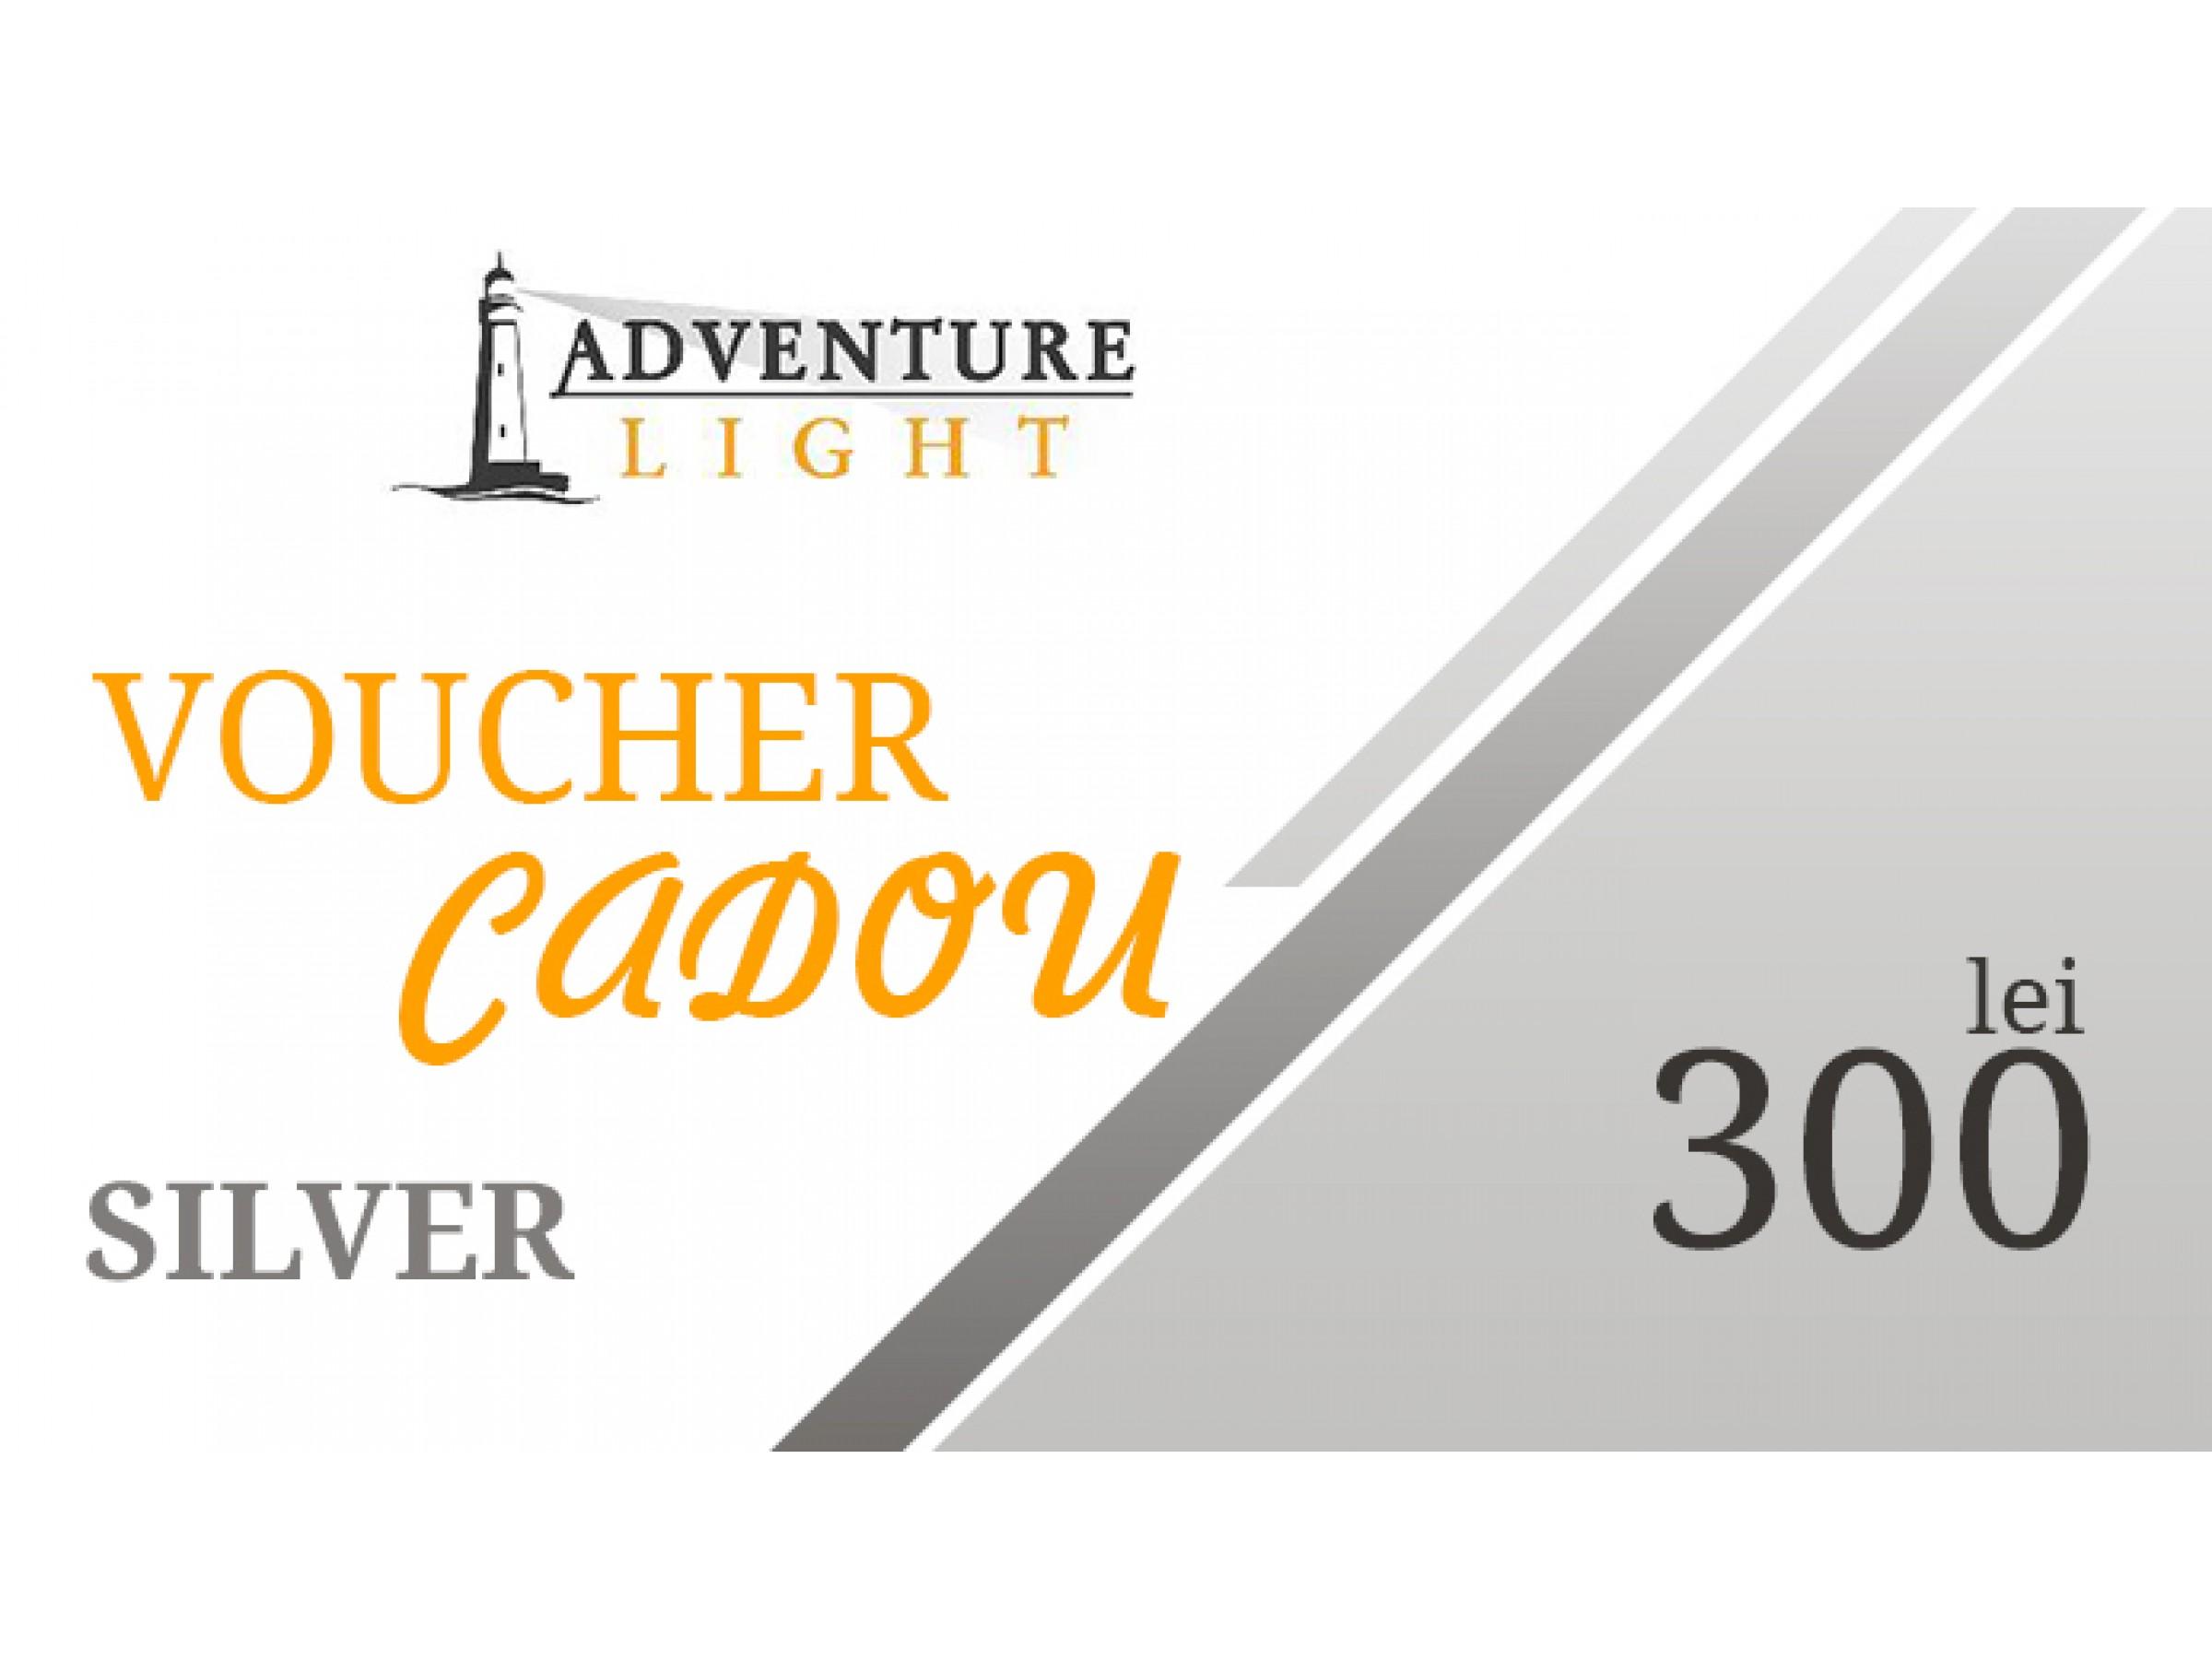 Voucher Cadou - SILVER